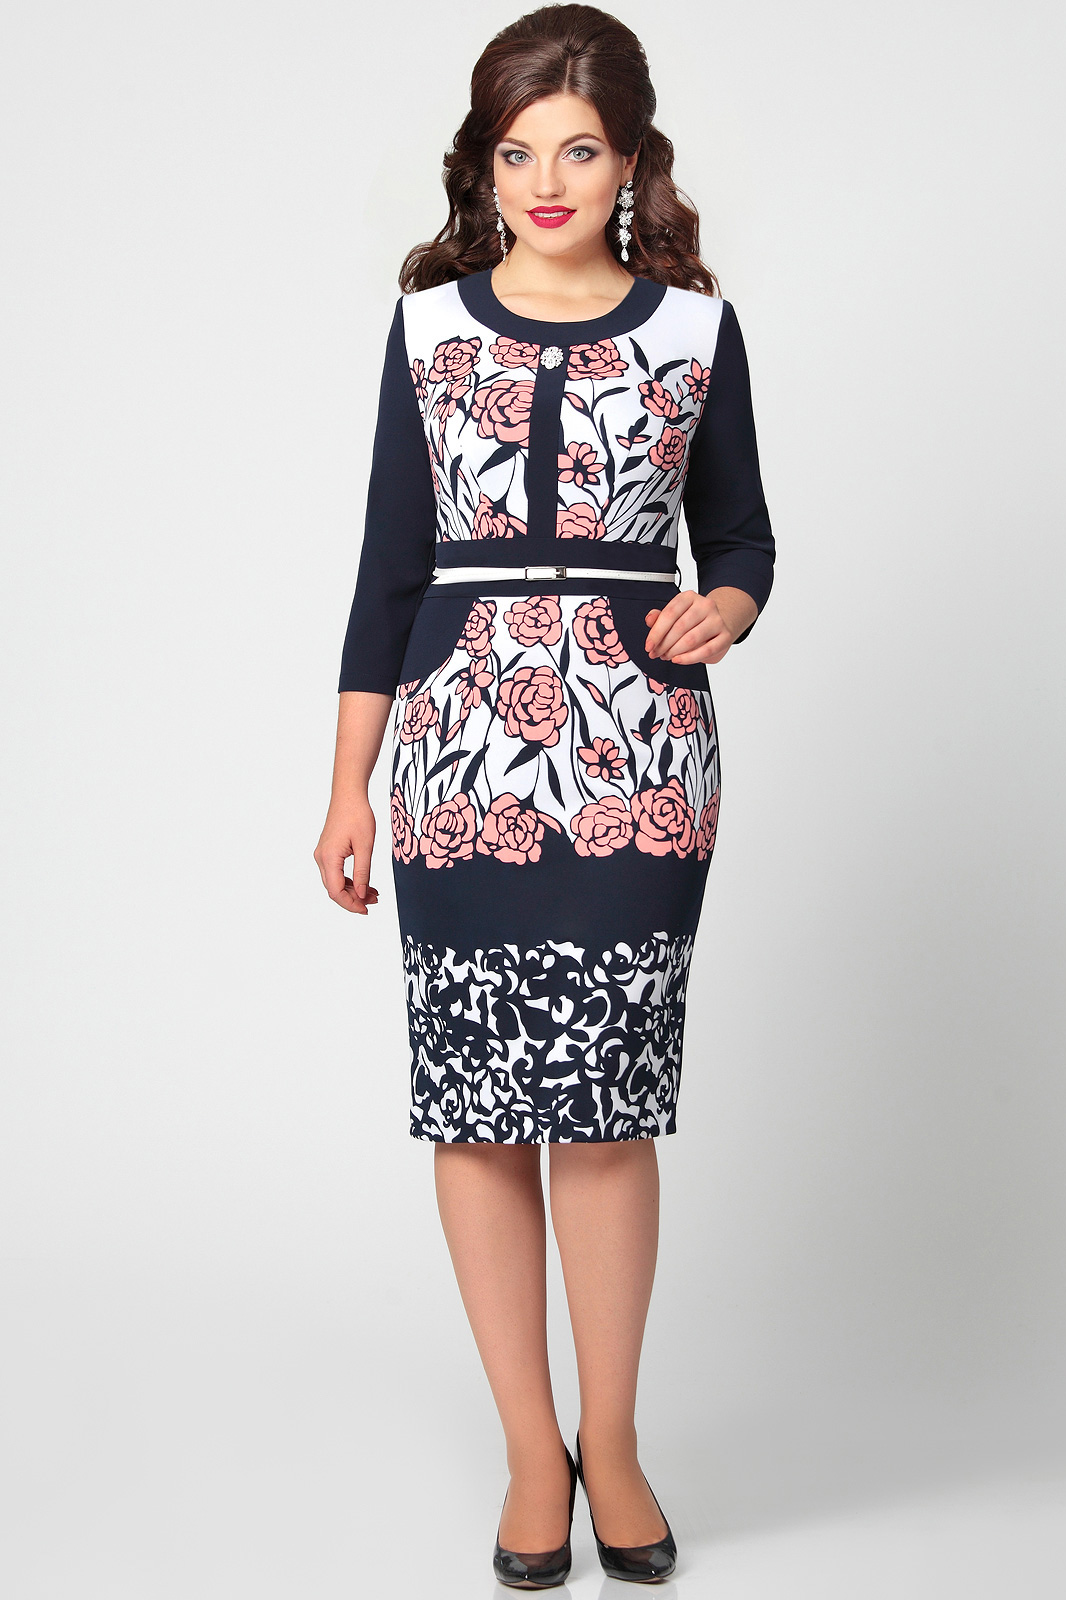 Женская одежда интернет магазин